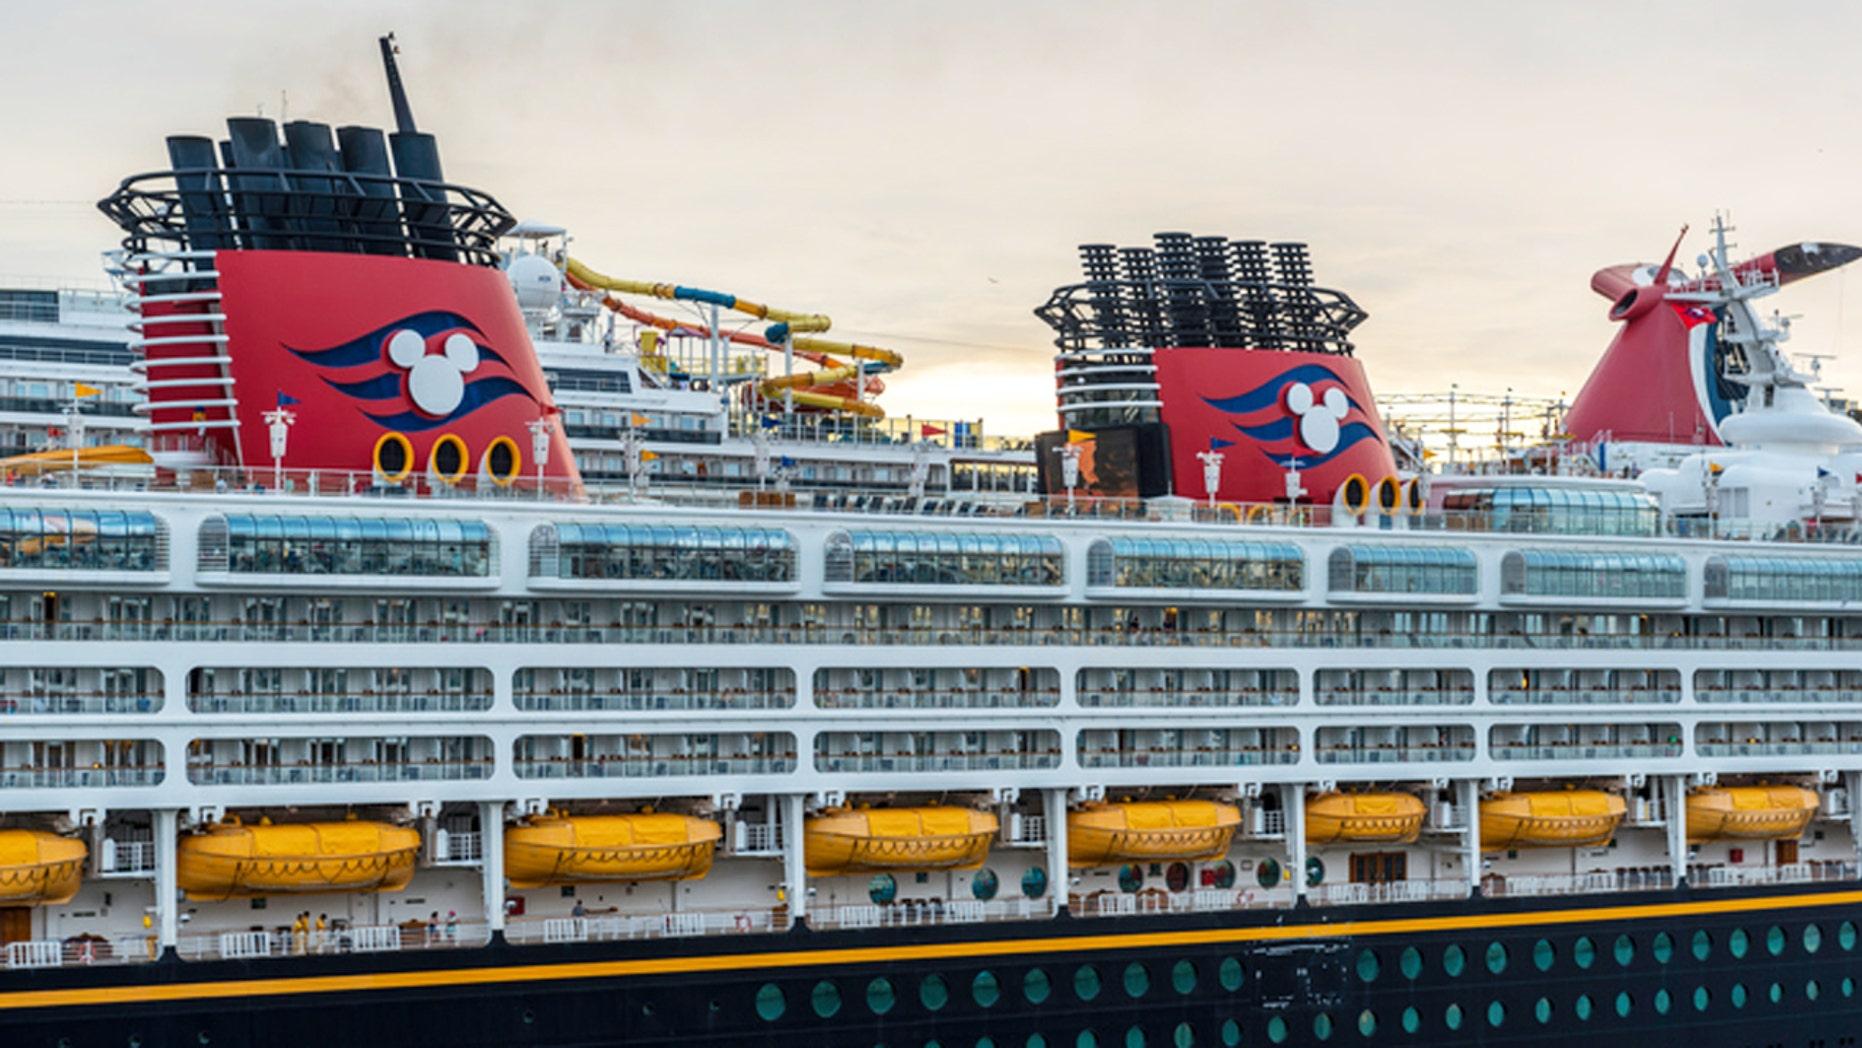 Disney Cruise Line's Disney Wonder got a makeover in 2015.